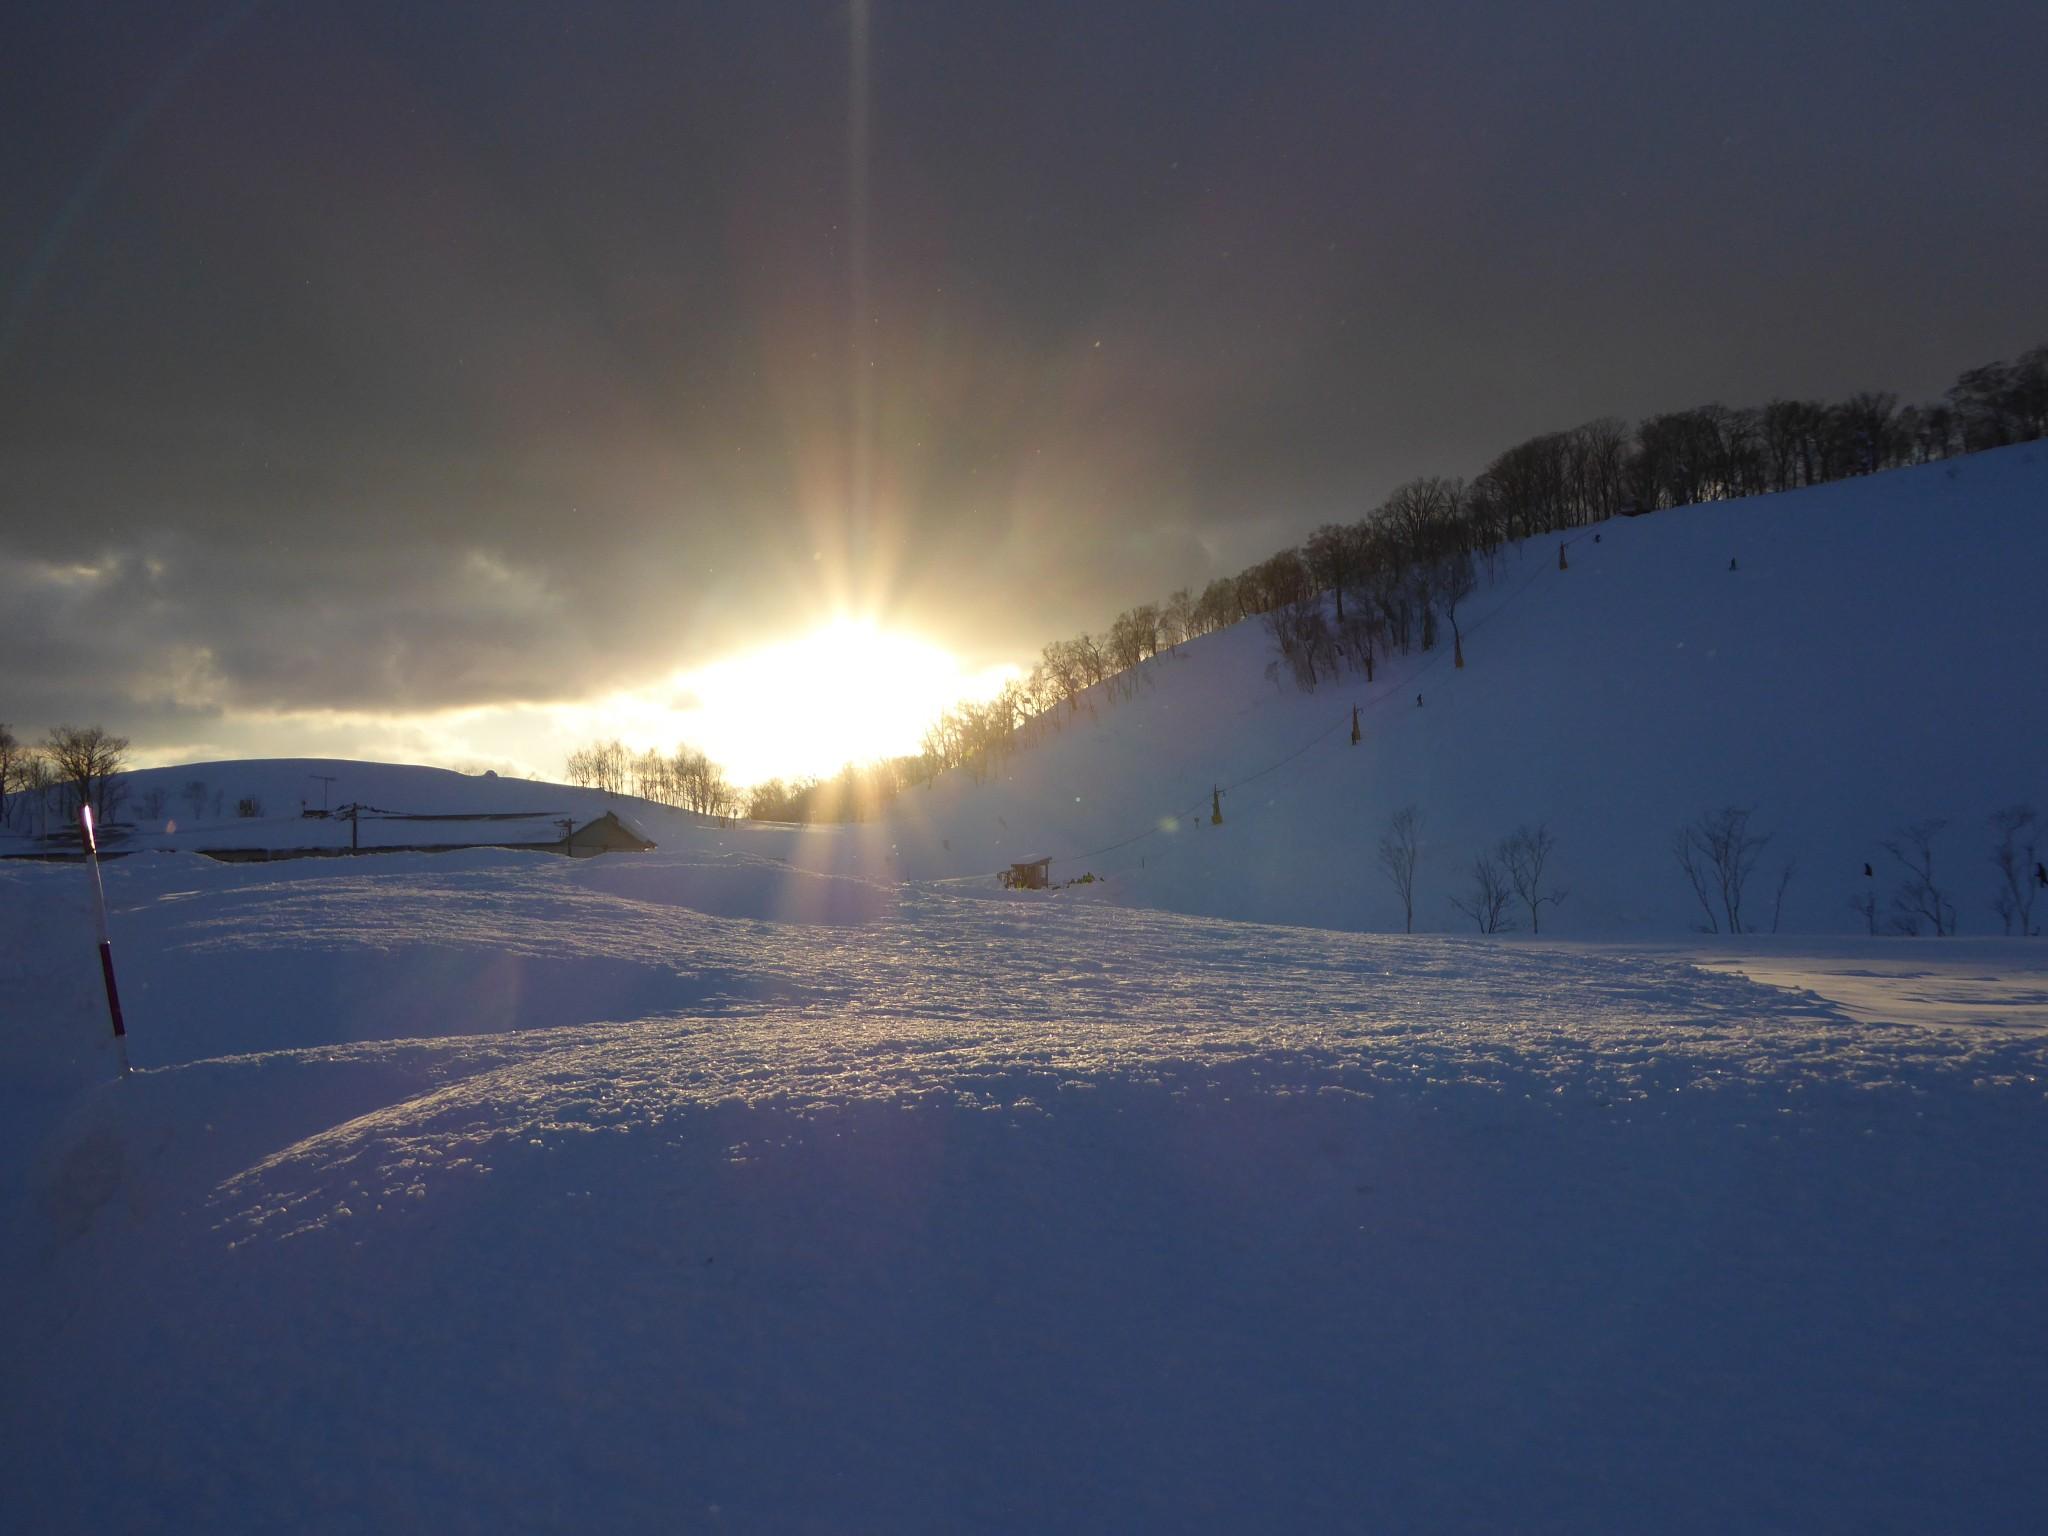 ニセコのバックカントリー:羊蹄山 (Ski touring in Niseko – Yoteisan)